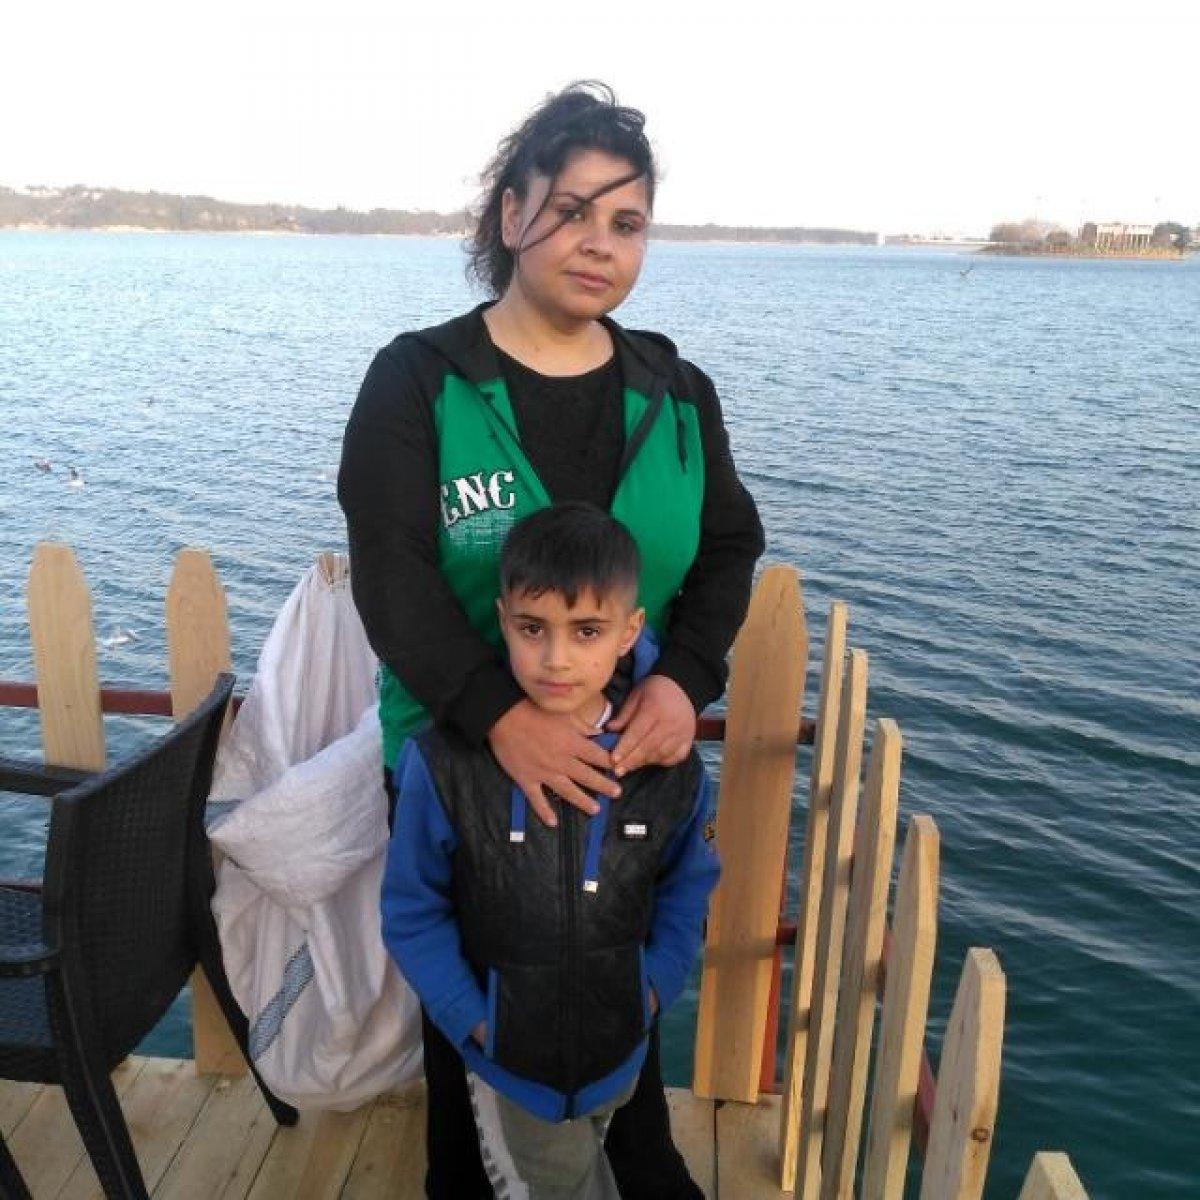 Adana da biber yediği için oğlu öldürülen anne, gözyaşlarını tutamadı #5